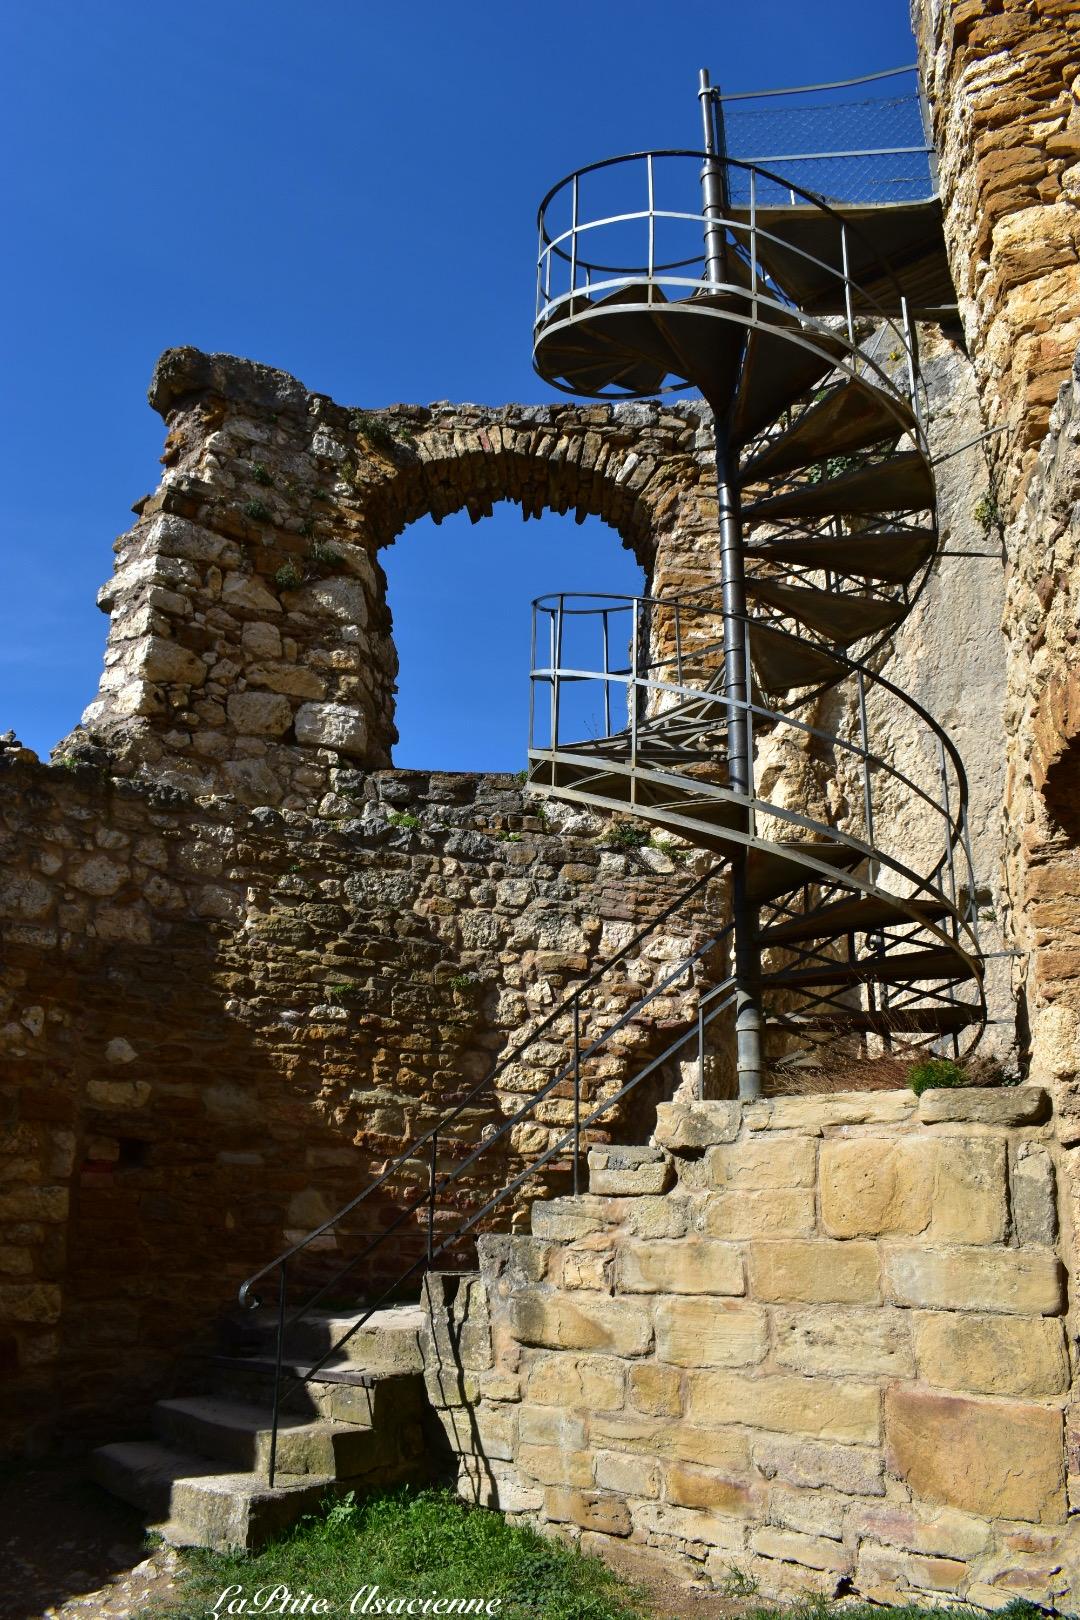 Escalier pour monter au-dessus du donjon du Château de Landskron dans le Sundgau à Leymen - Alsace